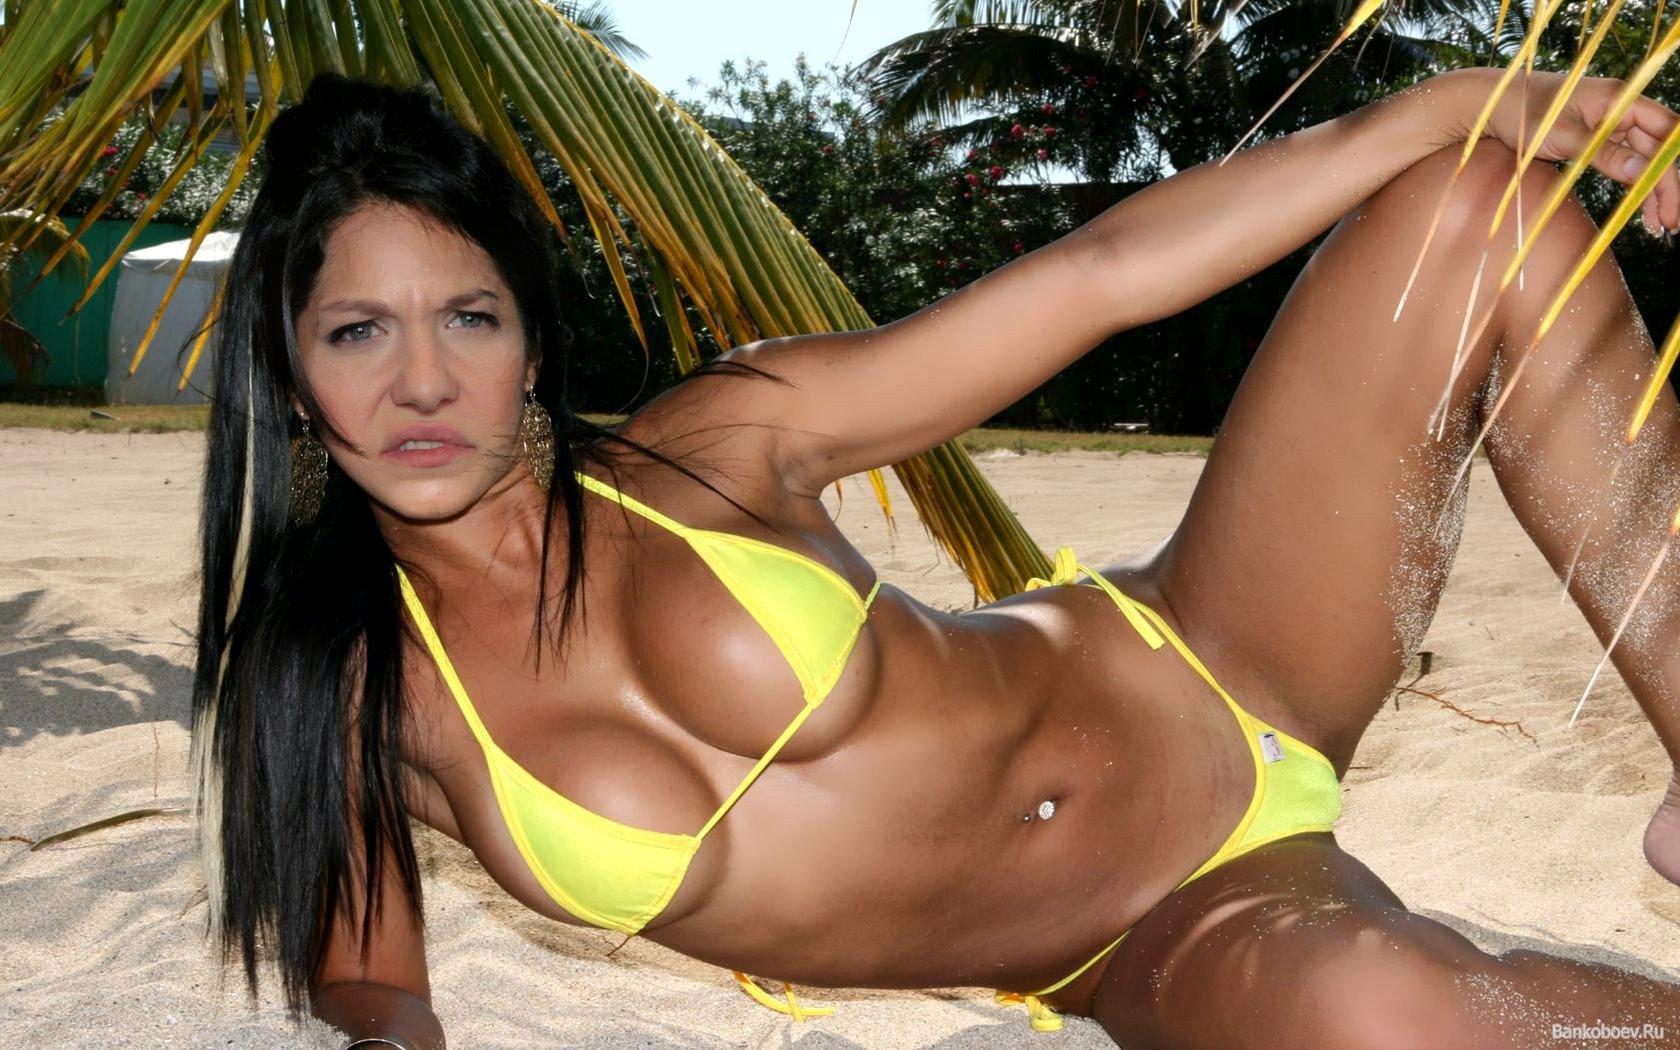 Kelly missesvlog bikini